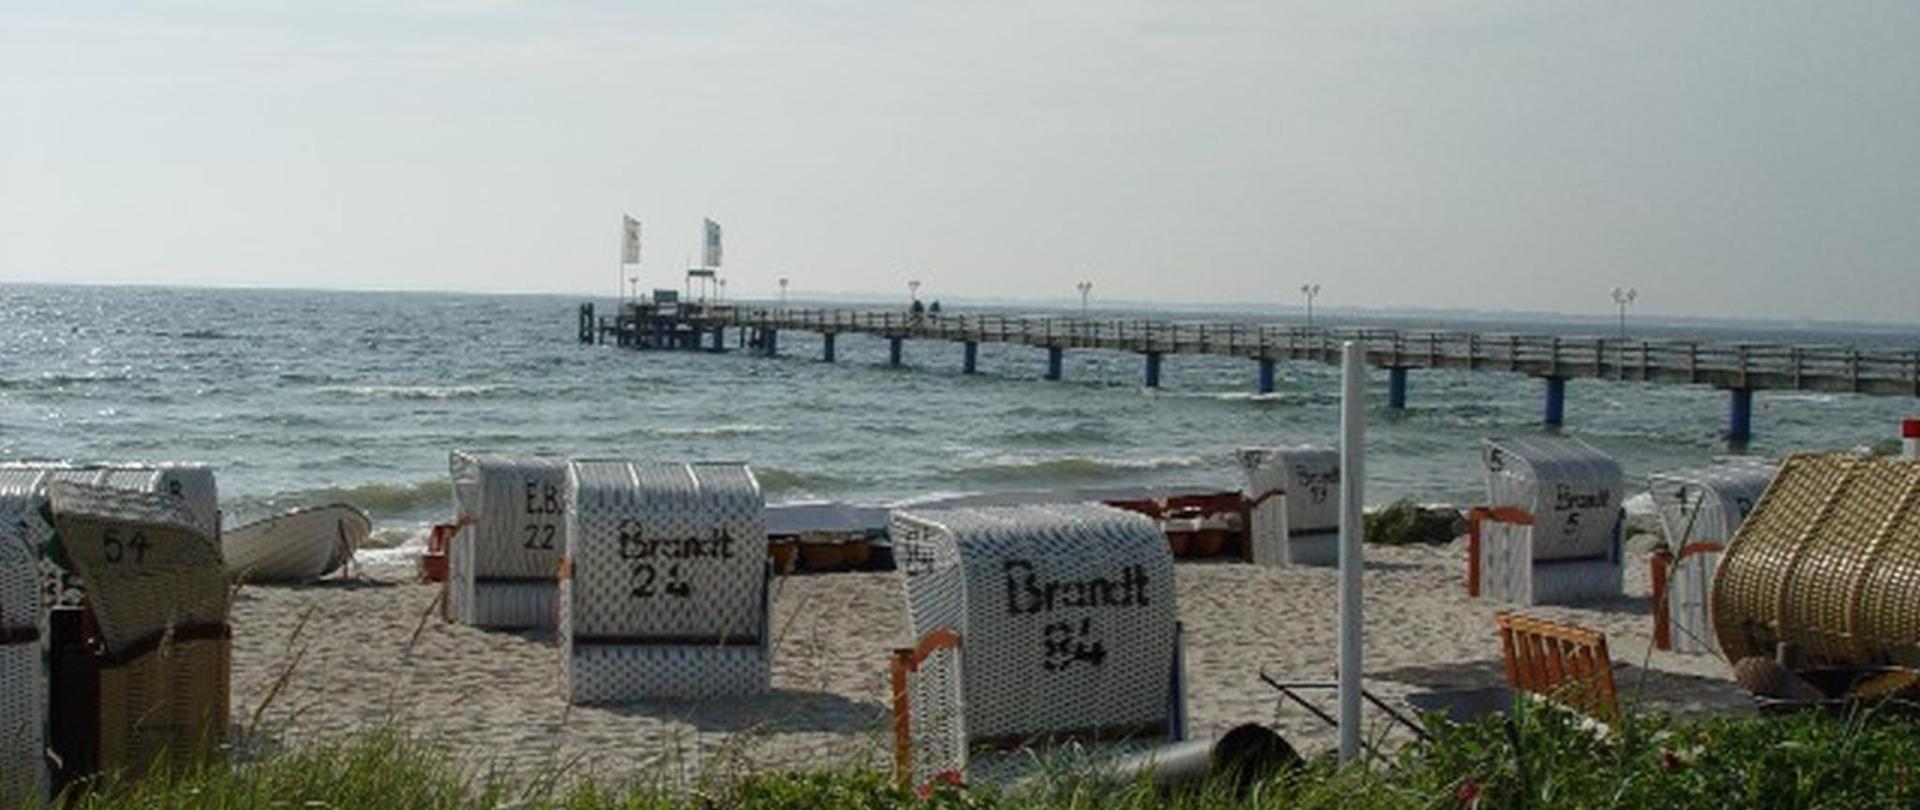 Seebrücke-Strand.jpg